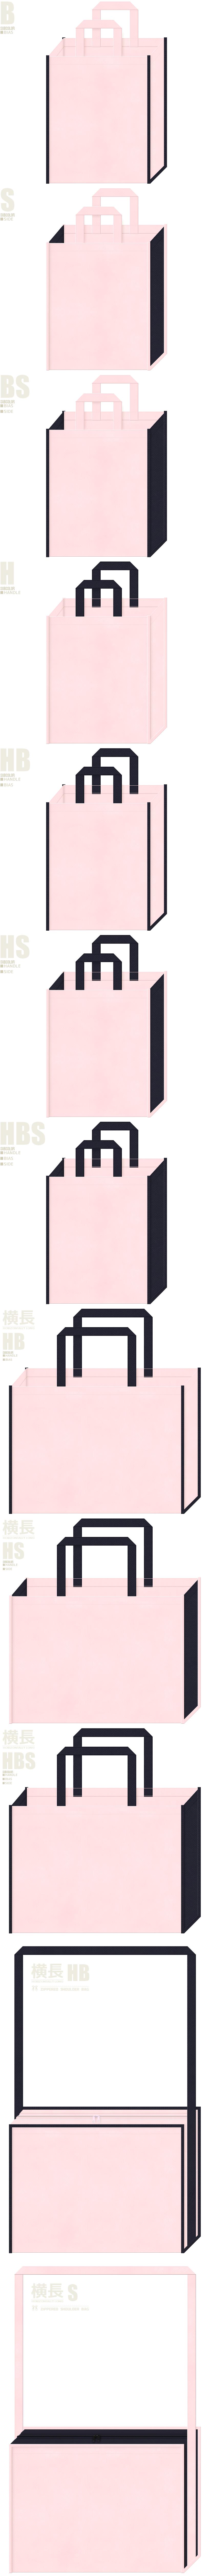 学校・オープンキャンパスにお奨めの、桜色と濃紺色、7パターンの不織布トートバッグ配色デザイン例。